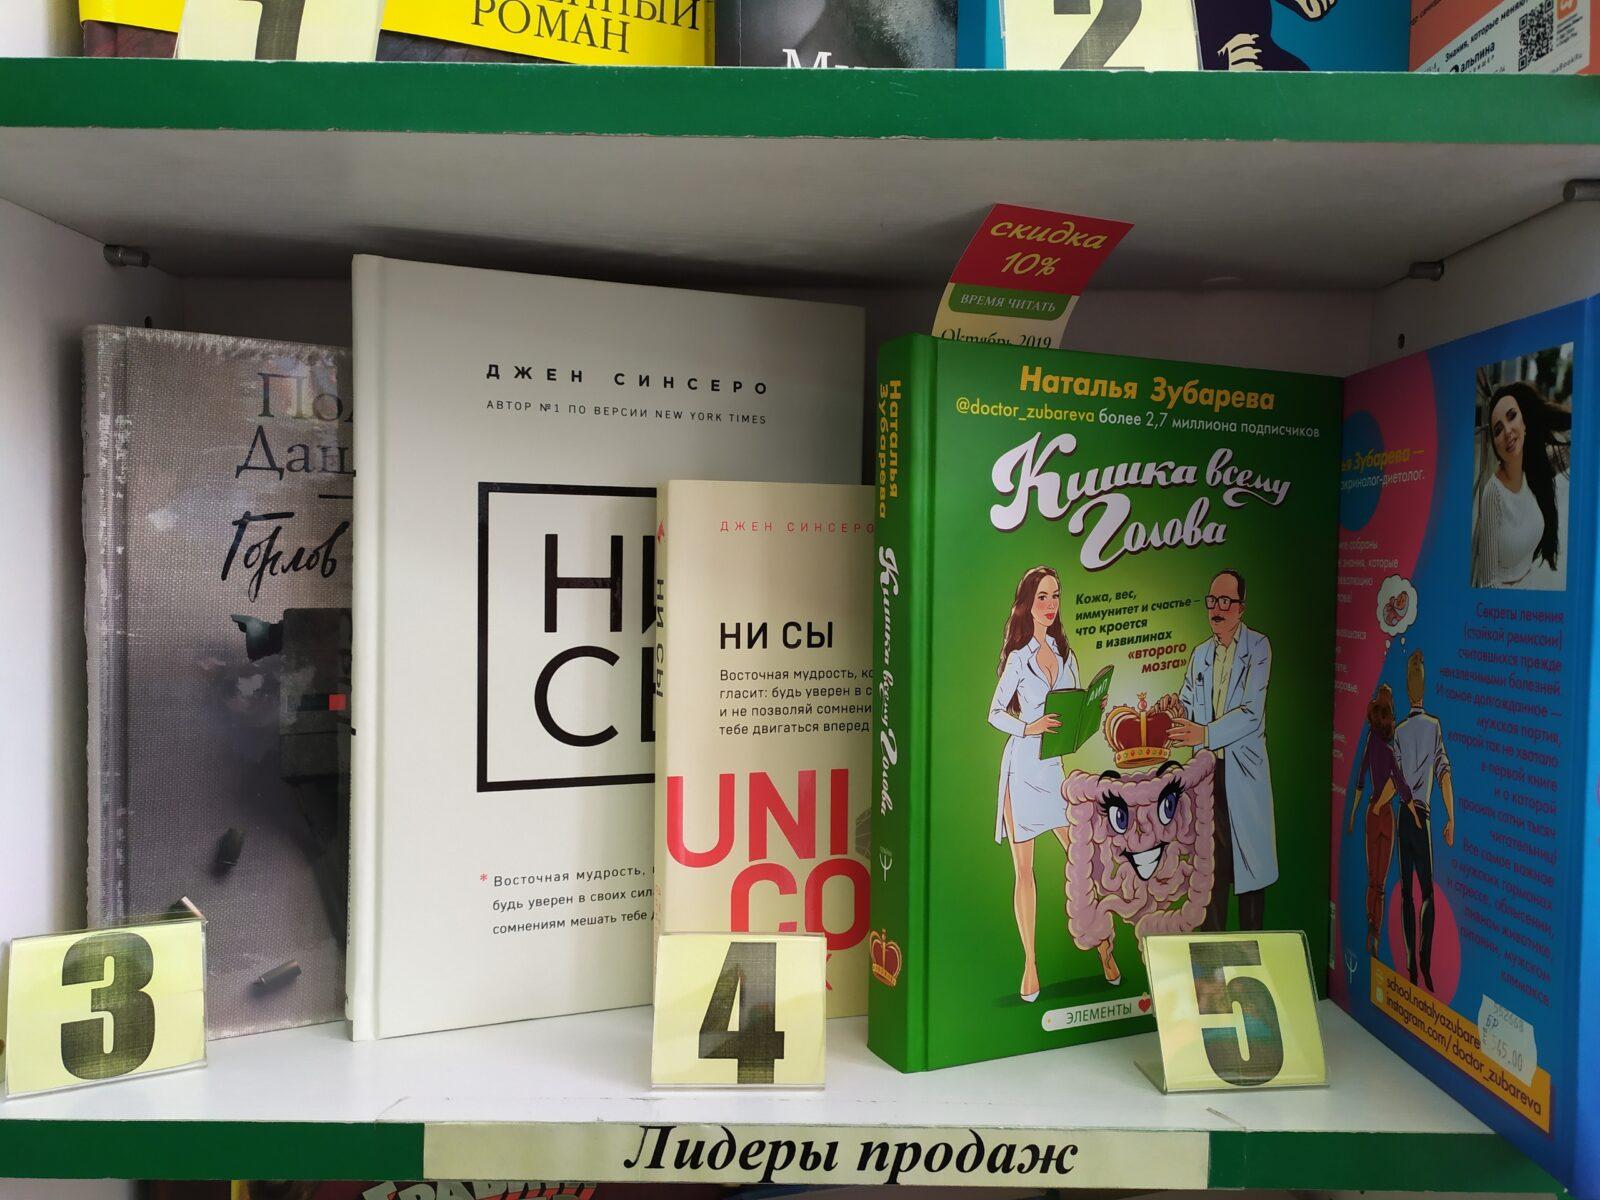 Глубоко не лезем: о чём говорят обложки книг в тверских магазинах